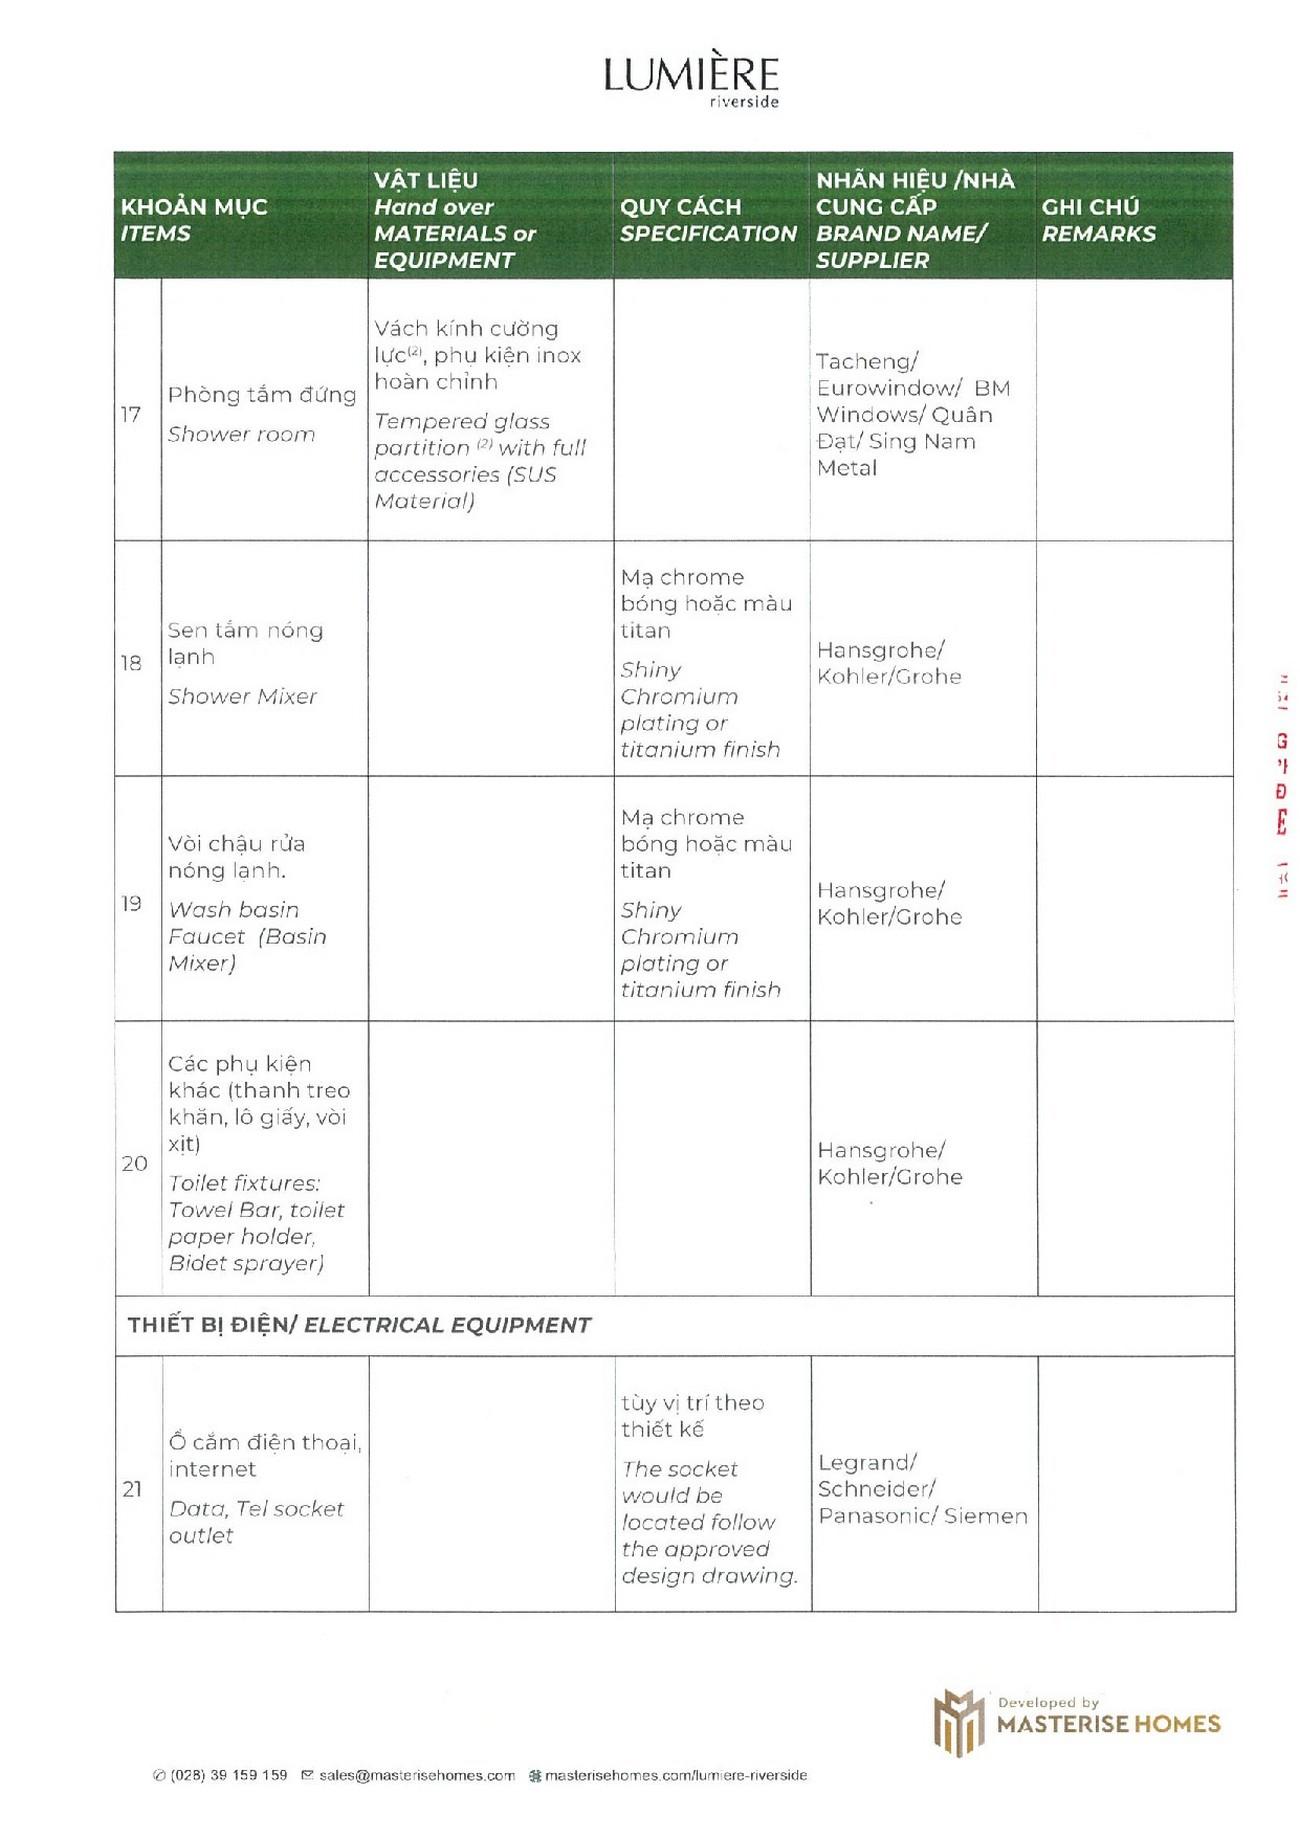 Cập nhật bảng giá Masteri Lumiere Riverside | GIÁ BÁN & ƯU ĐÃI【 03/2021】Từ Masterise Homes 2021 19